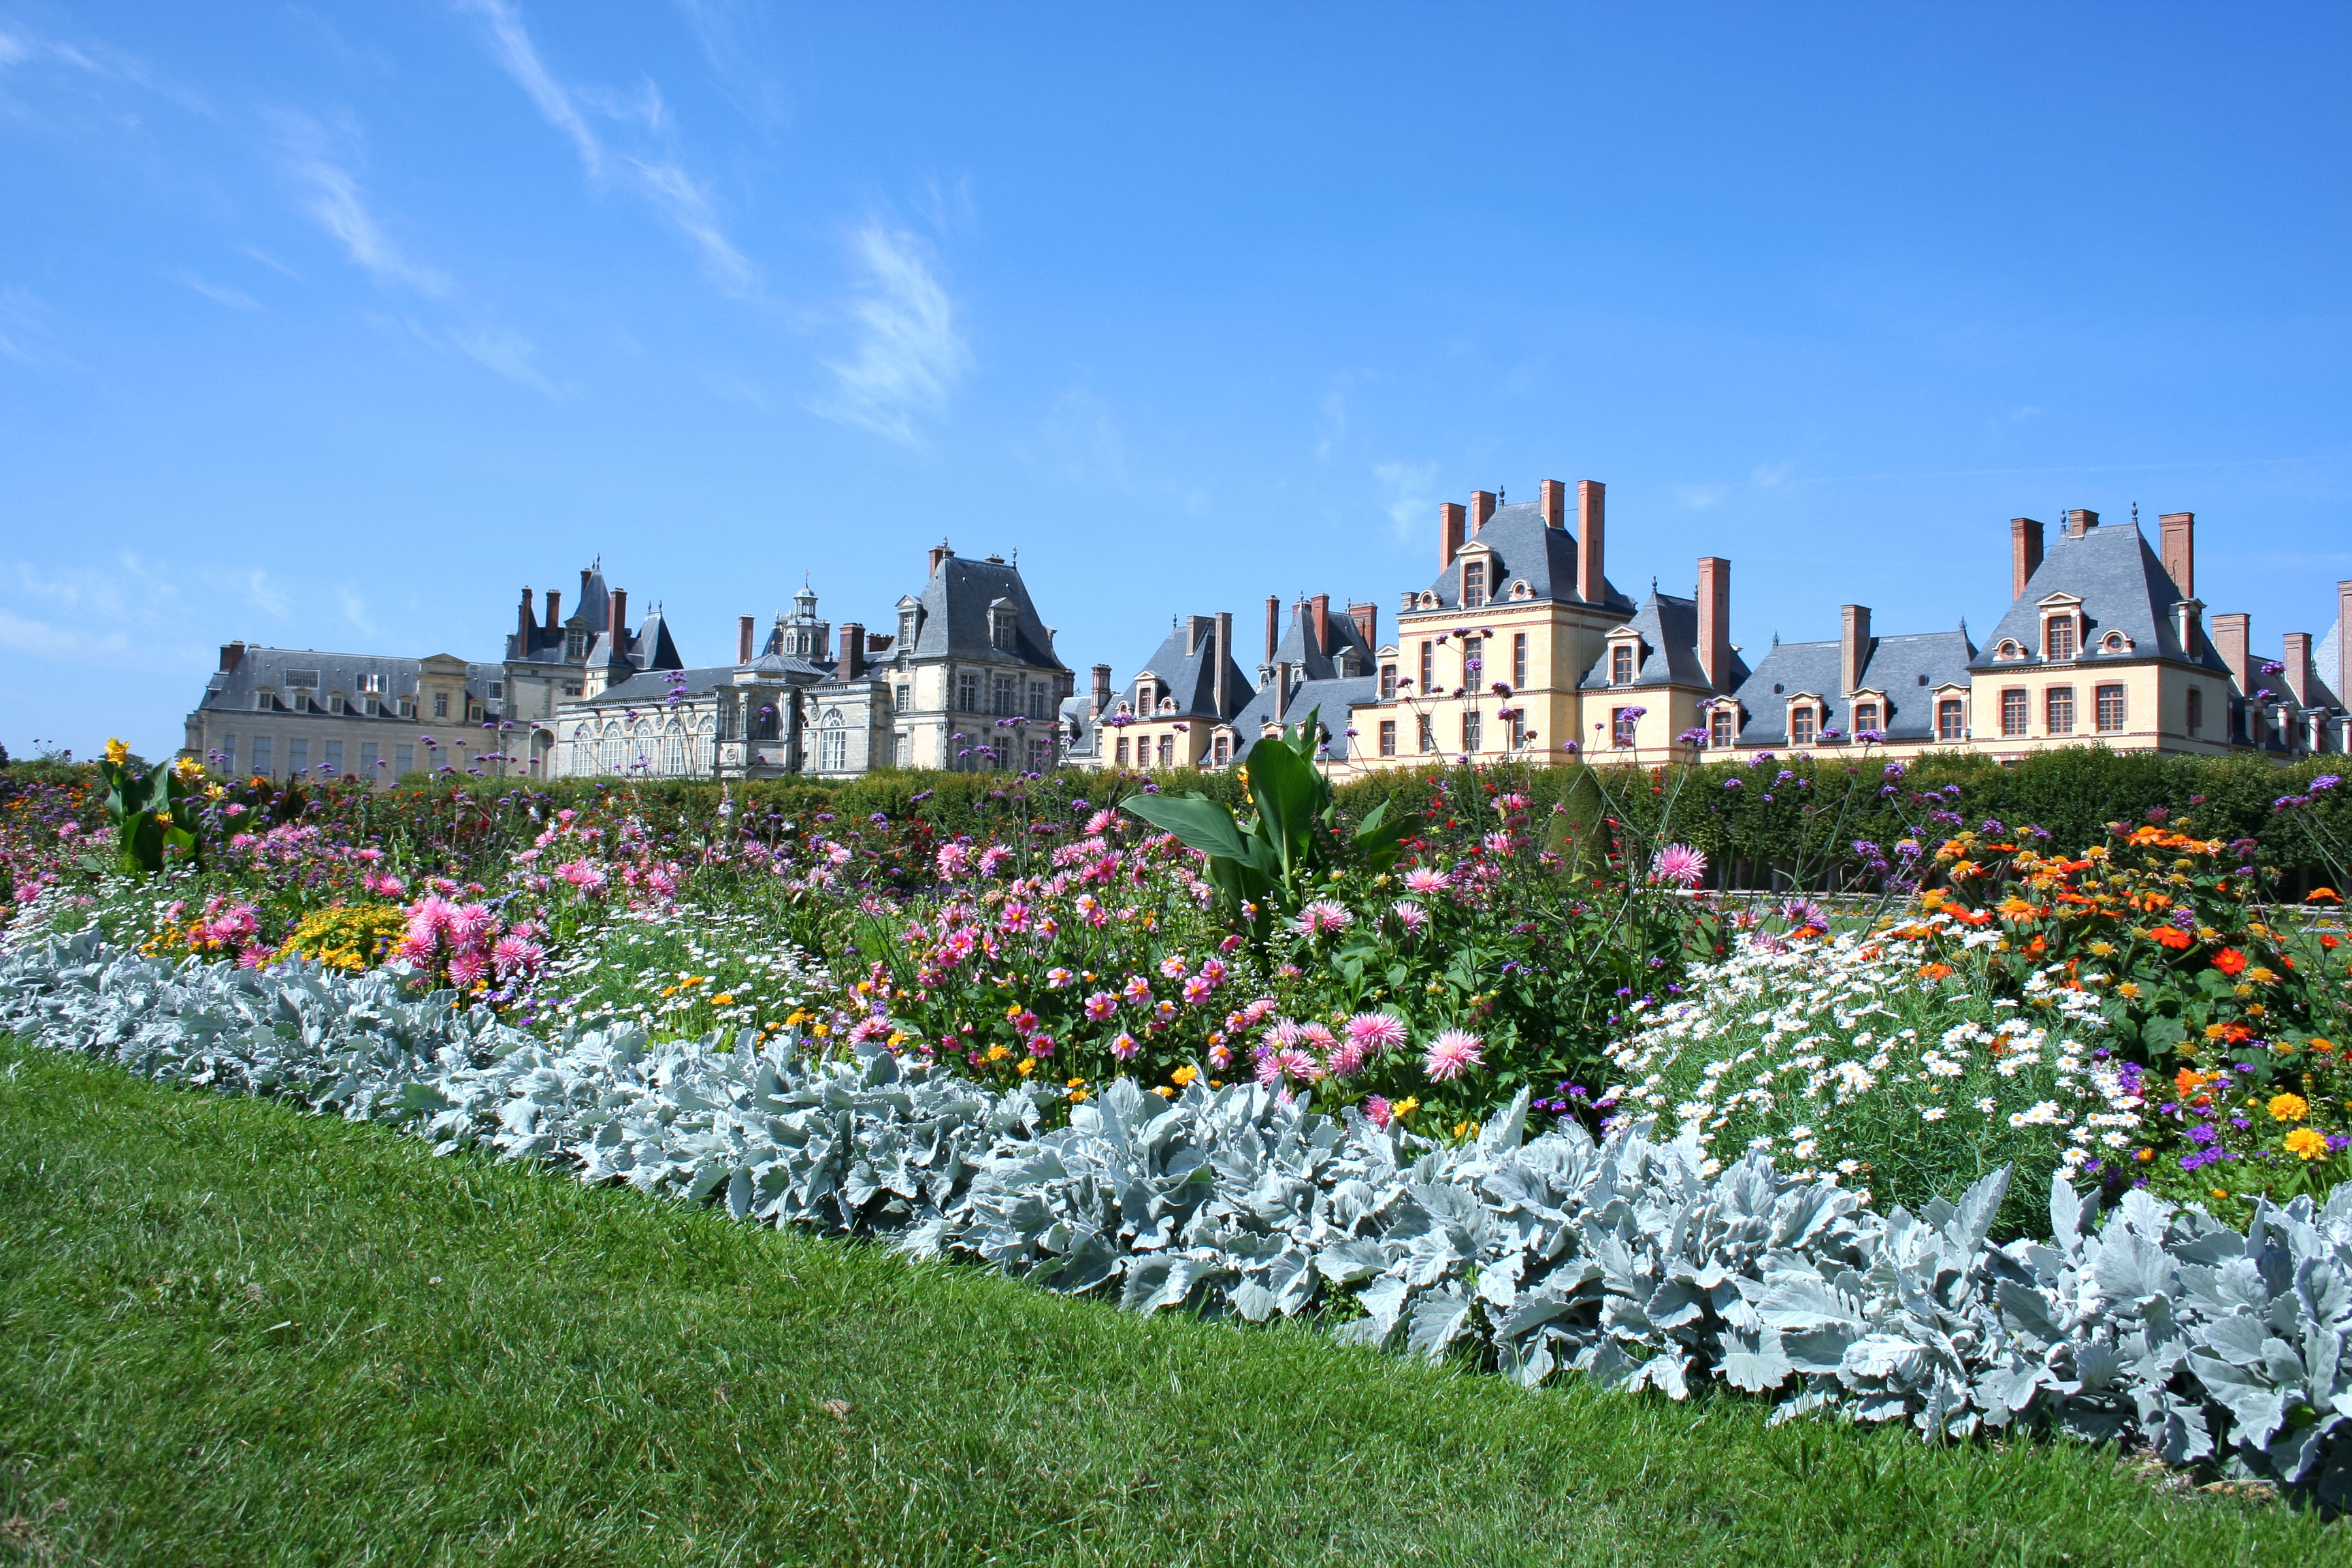 A magnitude do Castelo de Fontainebleau está justamente no conjunto de prédios aparentemente interligados sem nenhum planejamento, somados aos inigualáveis jardins e lagos / GB Imagem